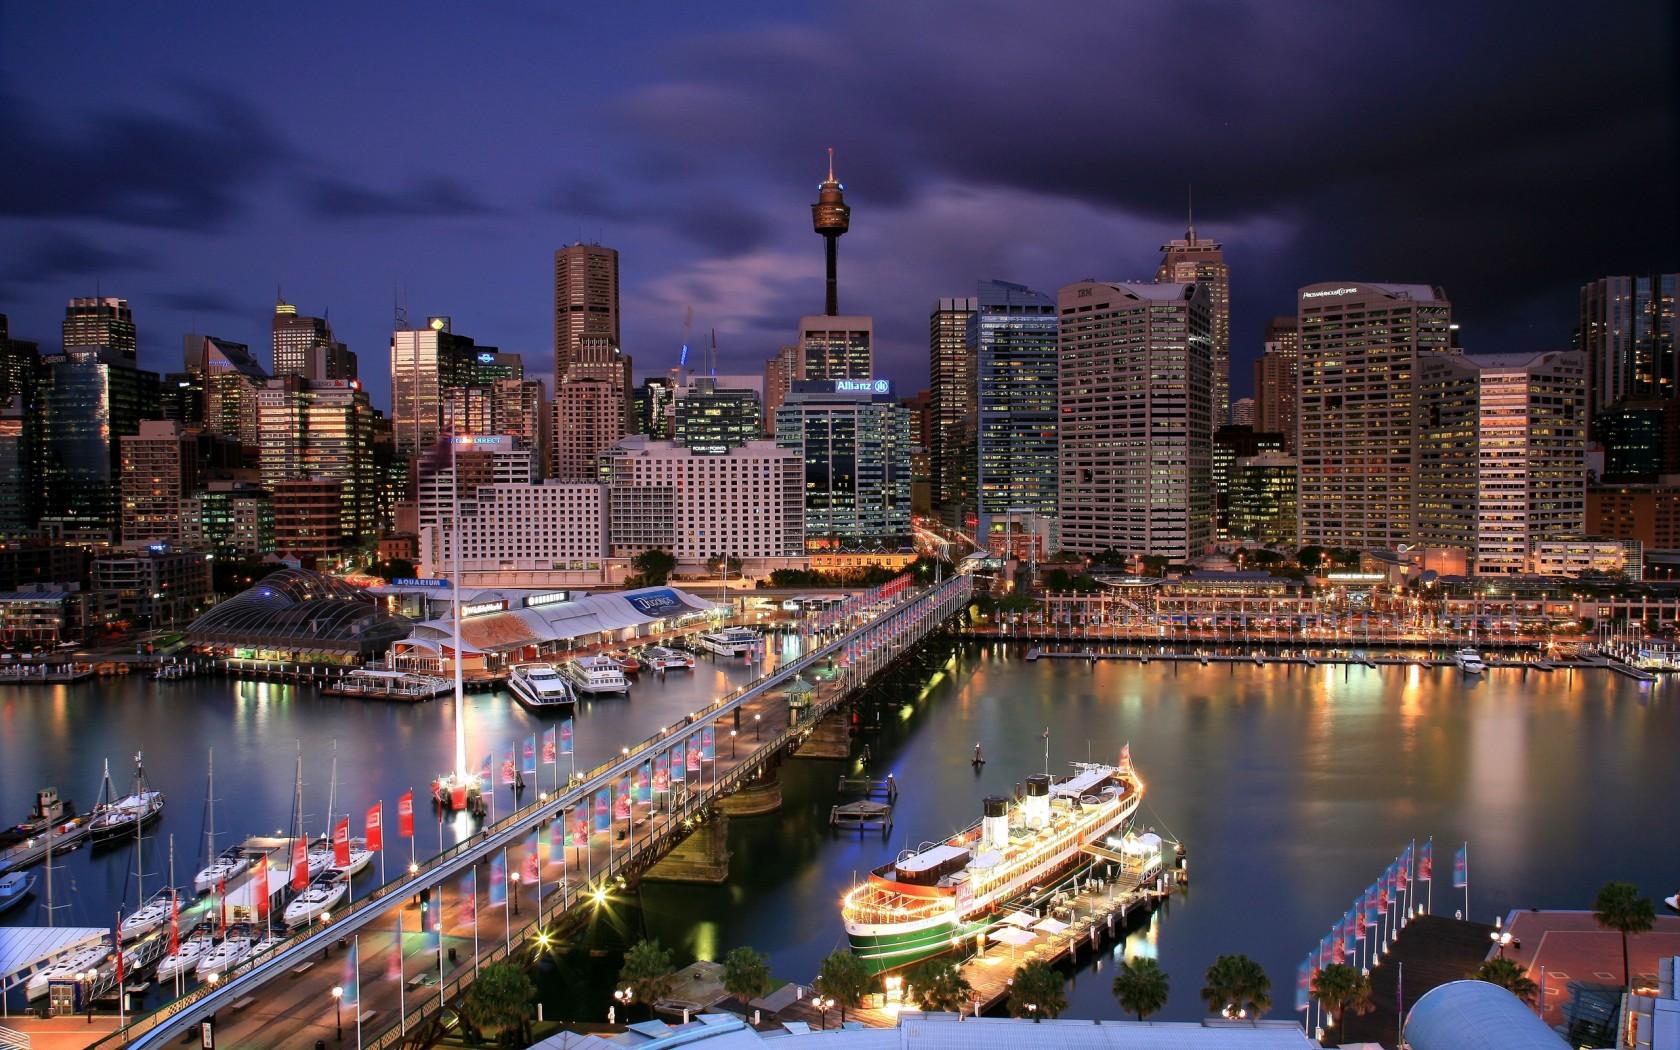 Darling_Harbour_Sydney_NSW_Australia-2560X1600-1680x1050.jpg